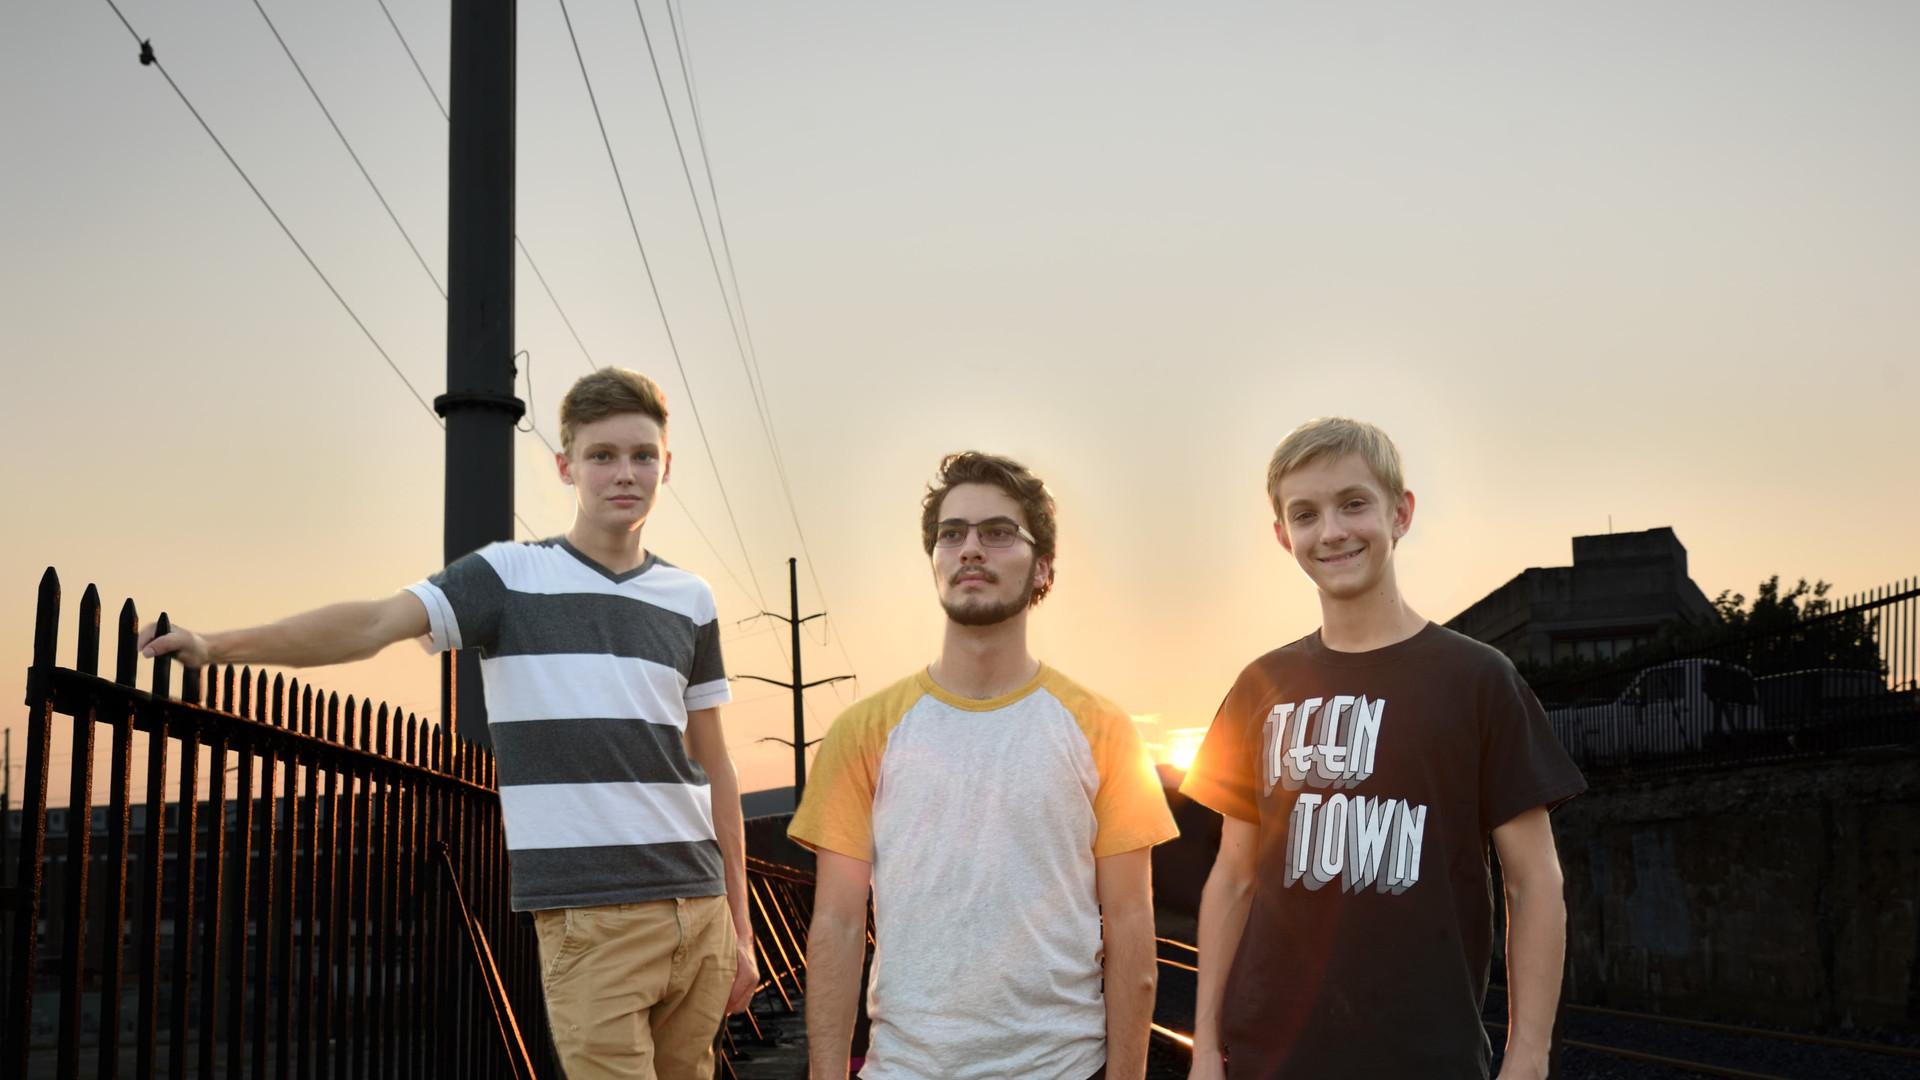 Teen Town Sunset